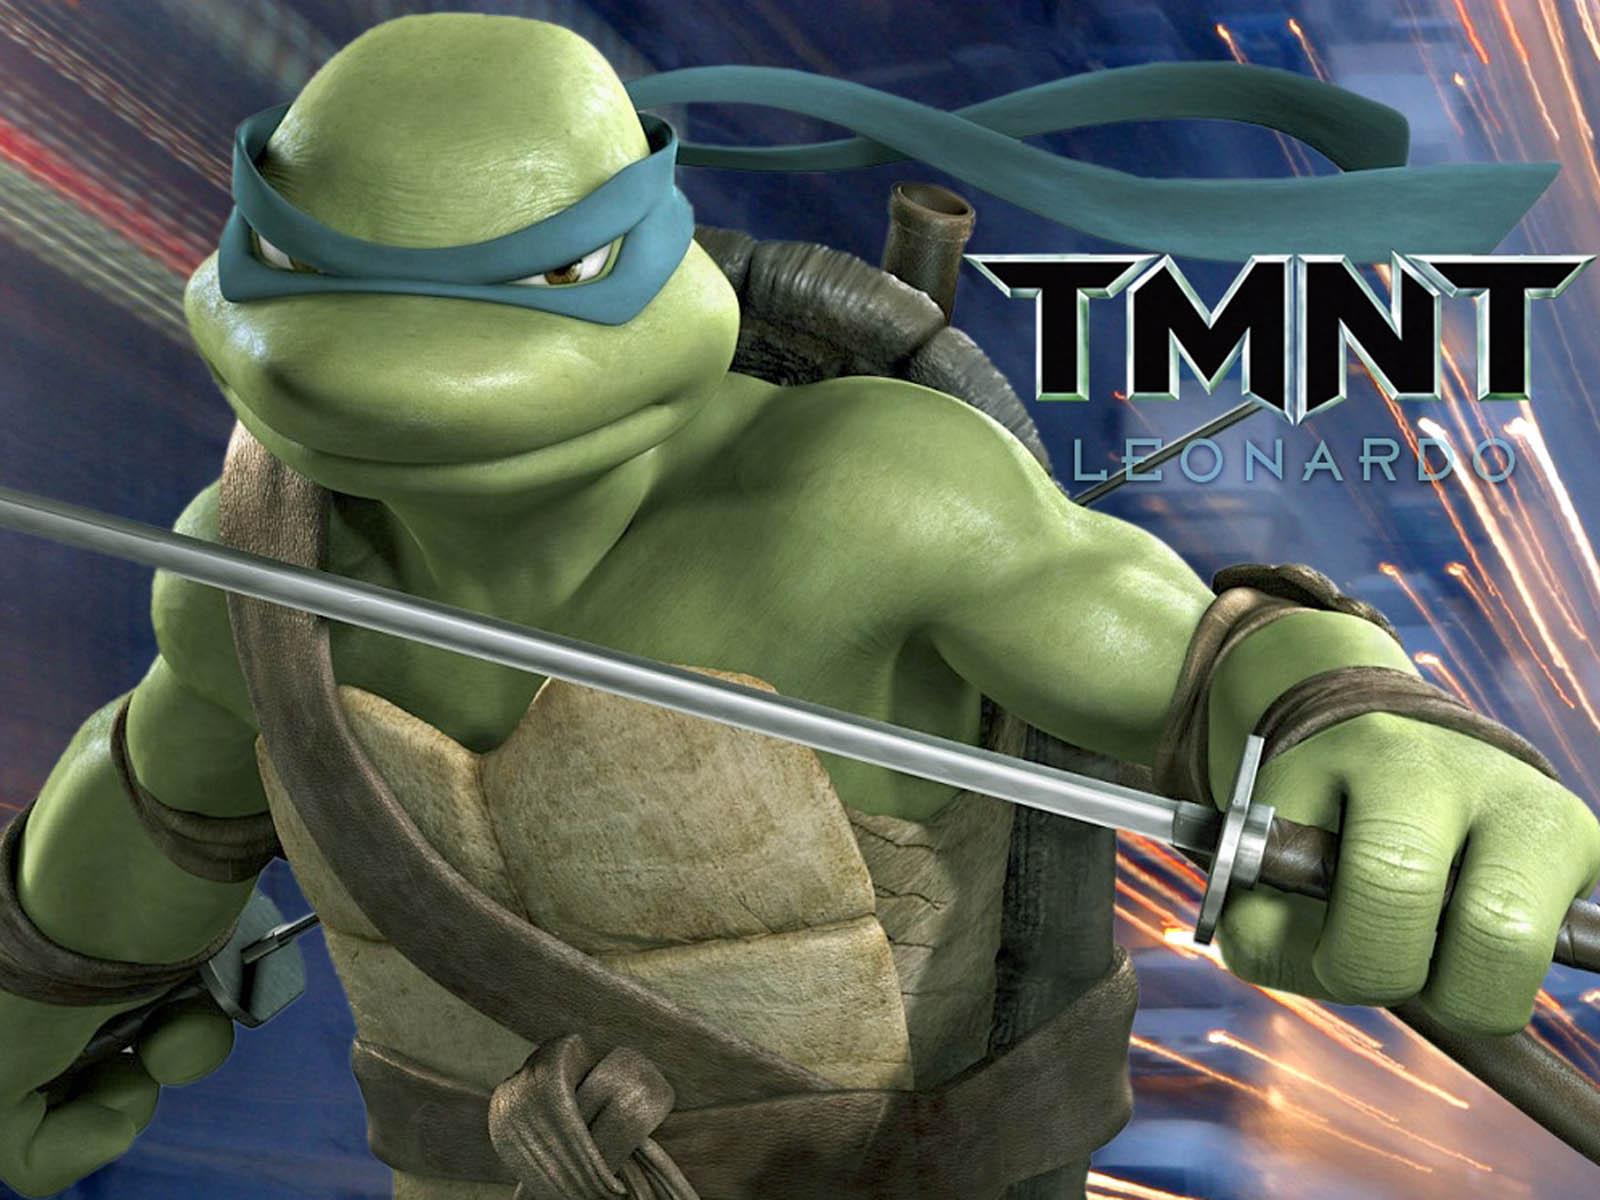 http://4.bp.blogspot.com/-9VsCaaT8vsQ/T8cV48WduGI/AAAAAAAADT8/5Iq3TjtlCv4/s1600/Teenage+Mutant+Ninja+Turtles+(TMNT)+3.jpg